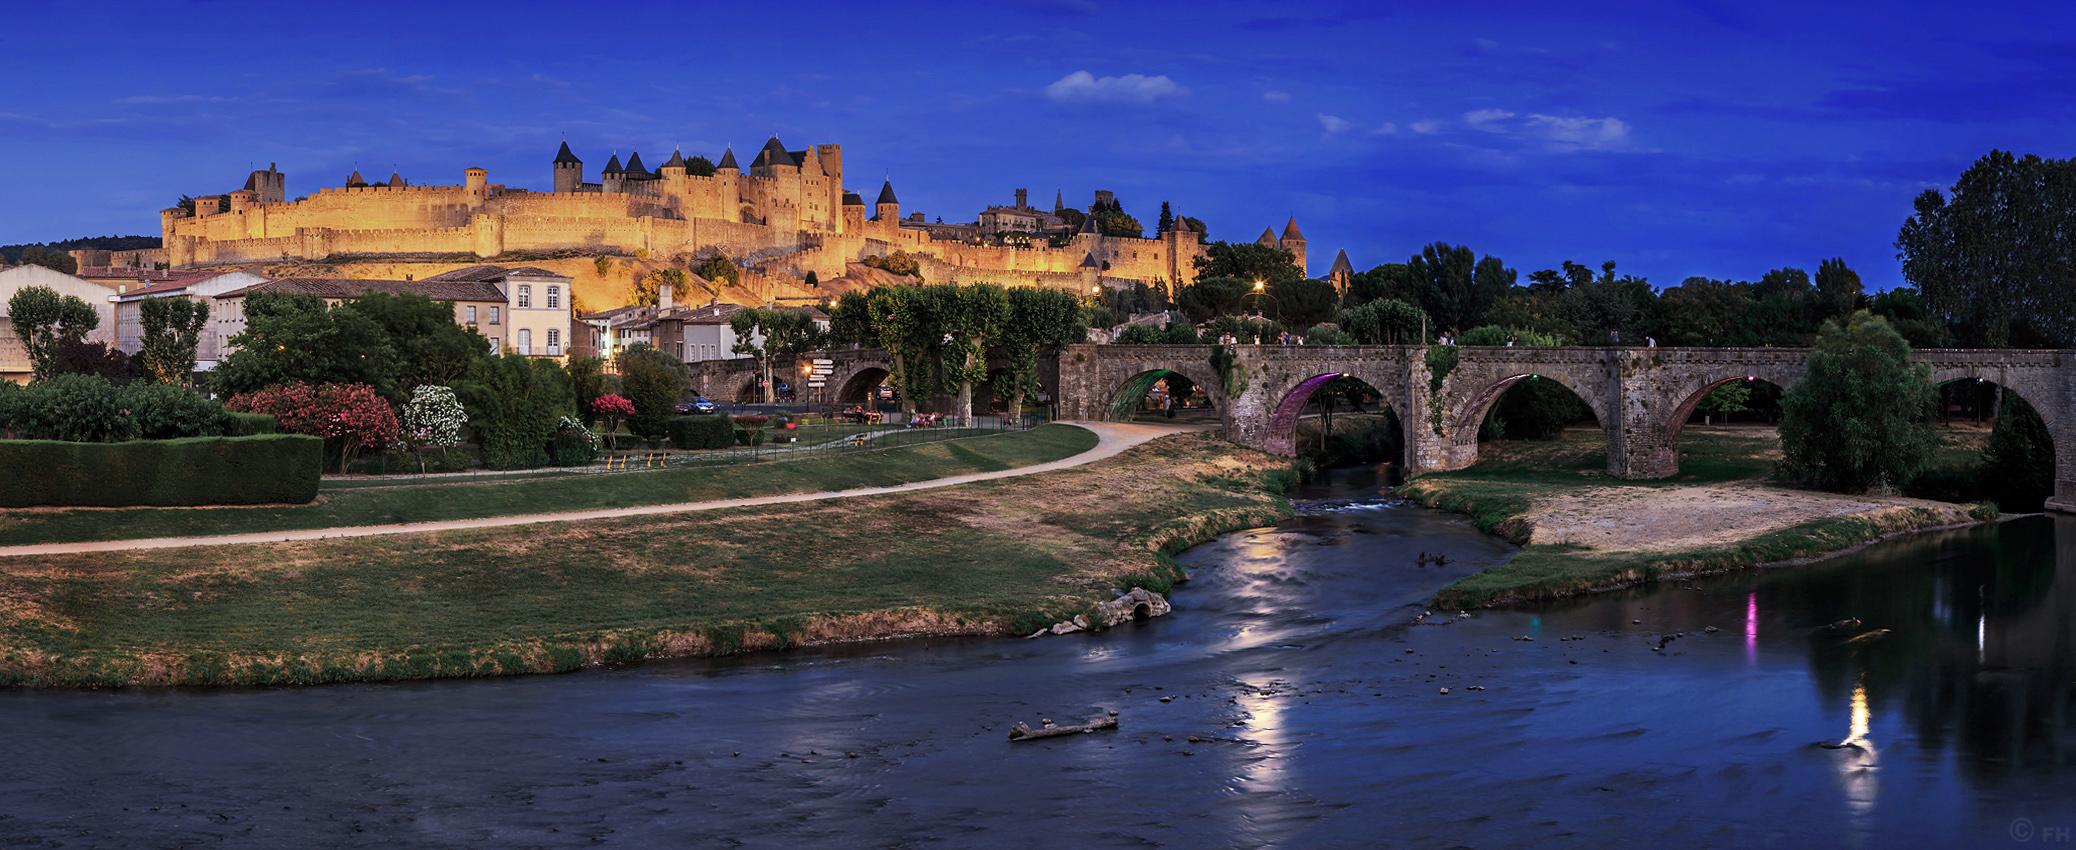 Carcassonne_Pano_2_FL_k1